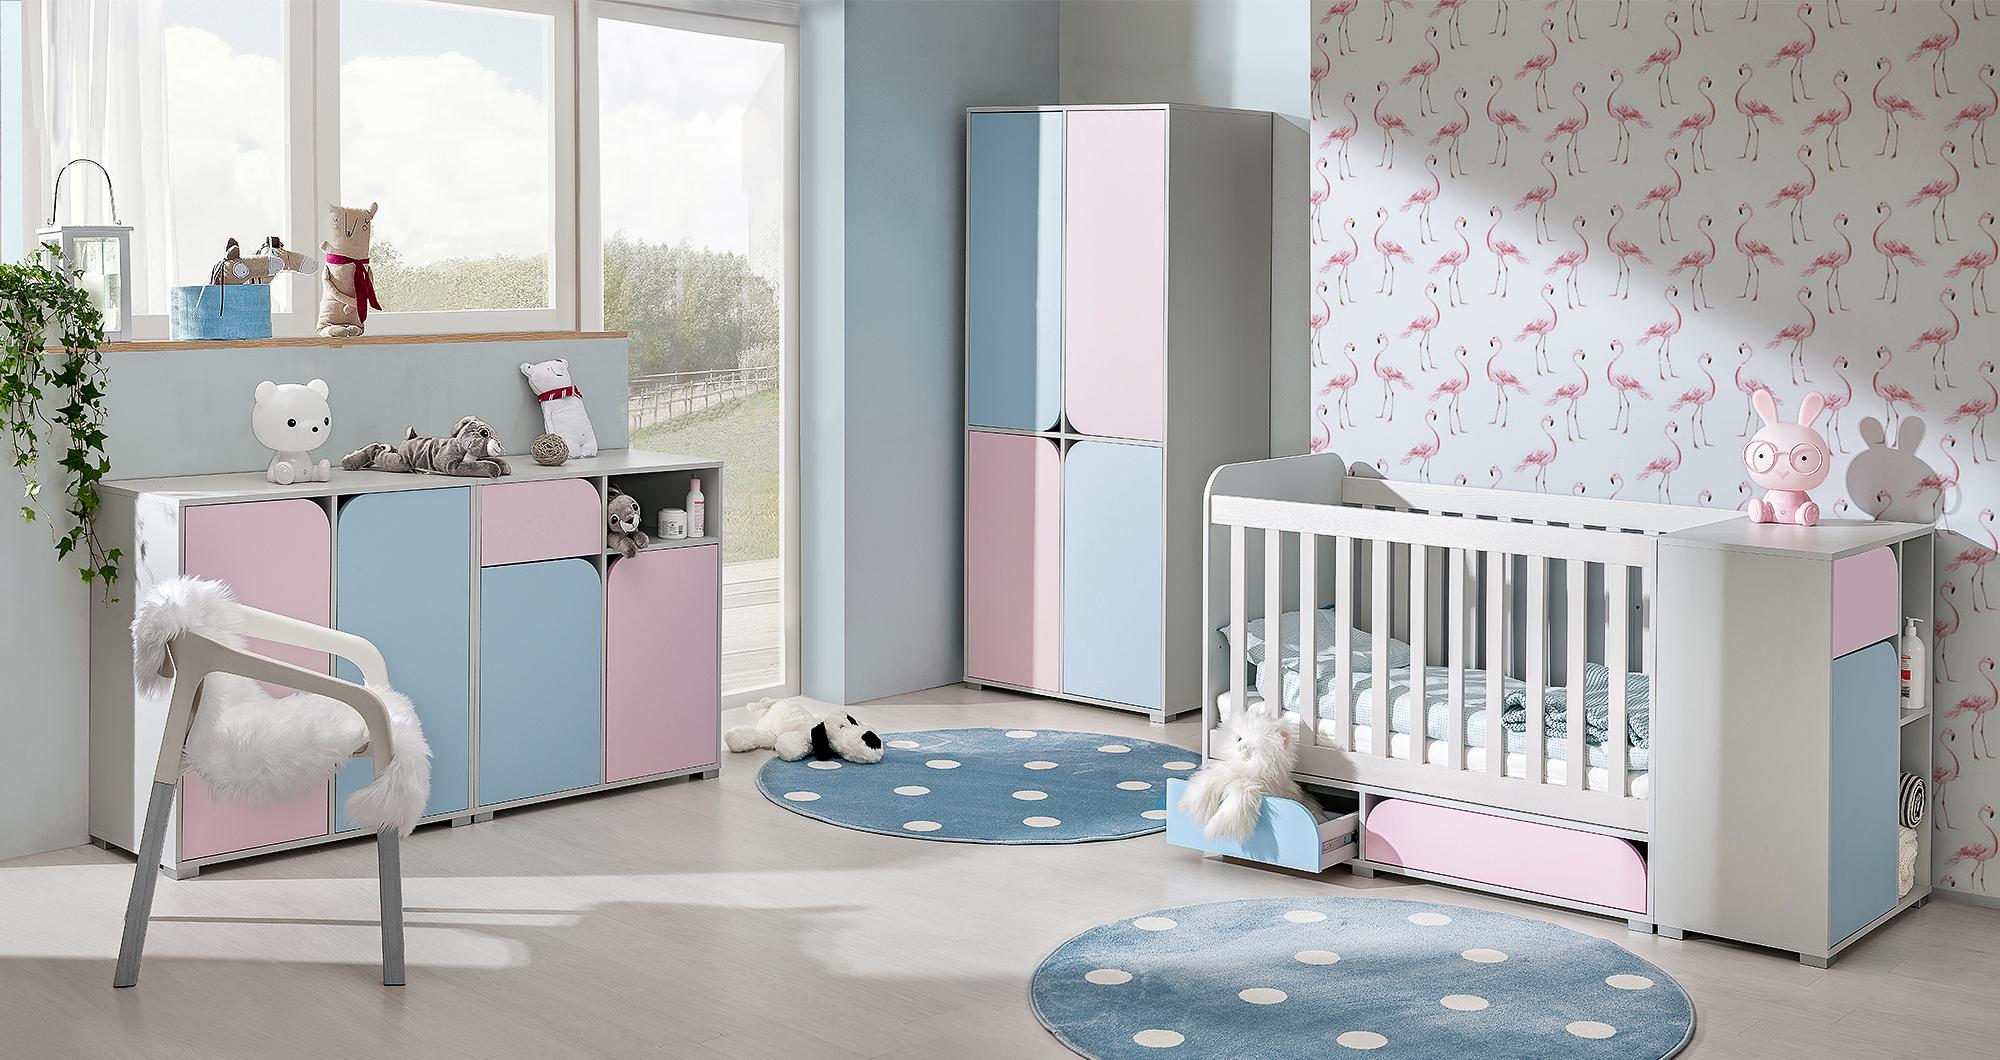 Dětský pokojíček Minimo sestava B - Inspirace a fotogalerie